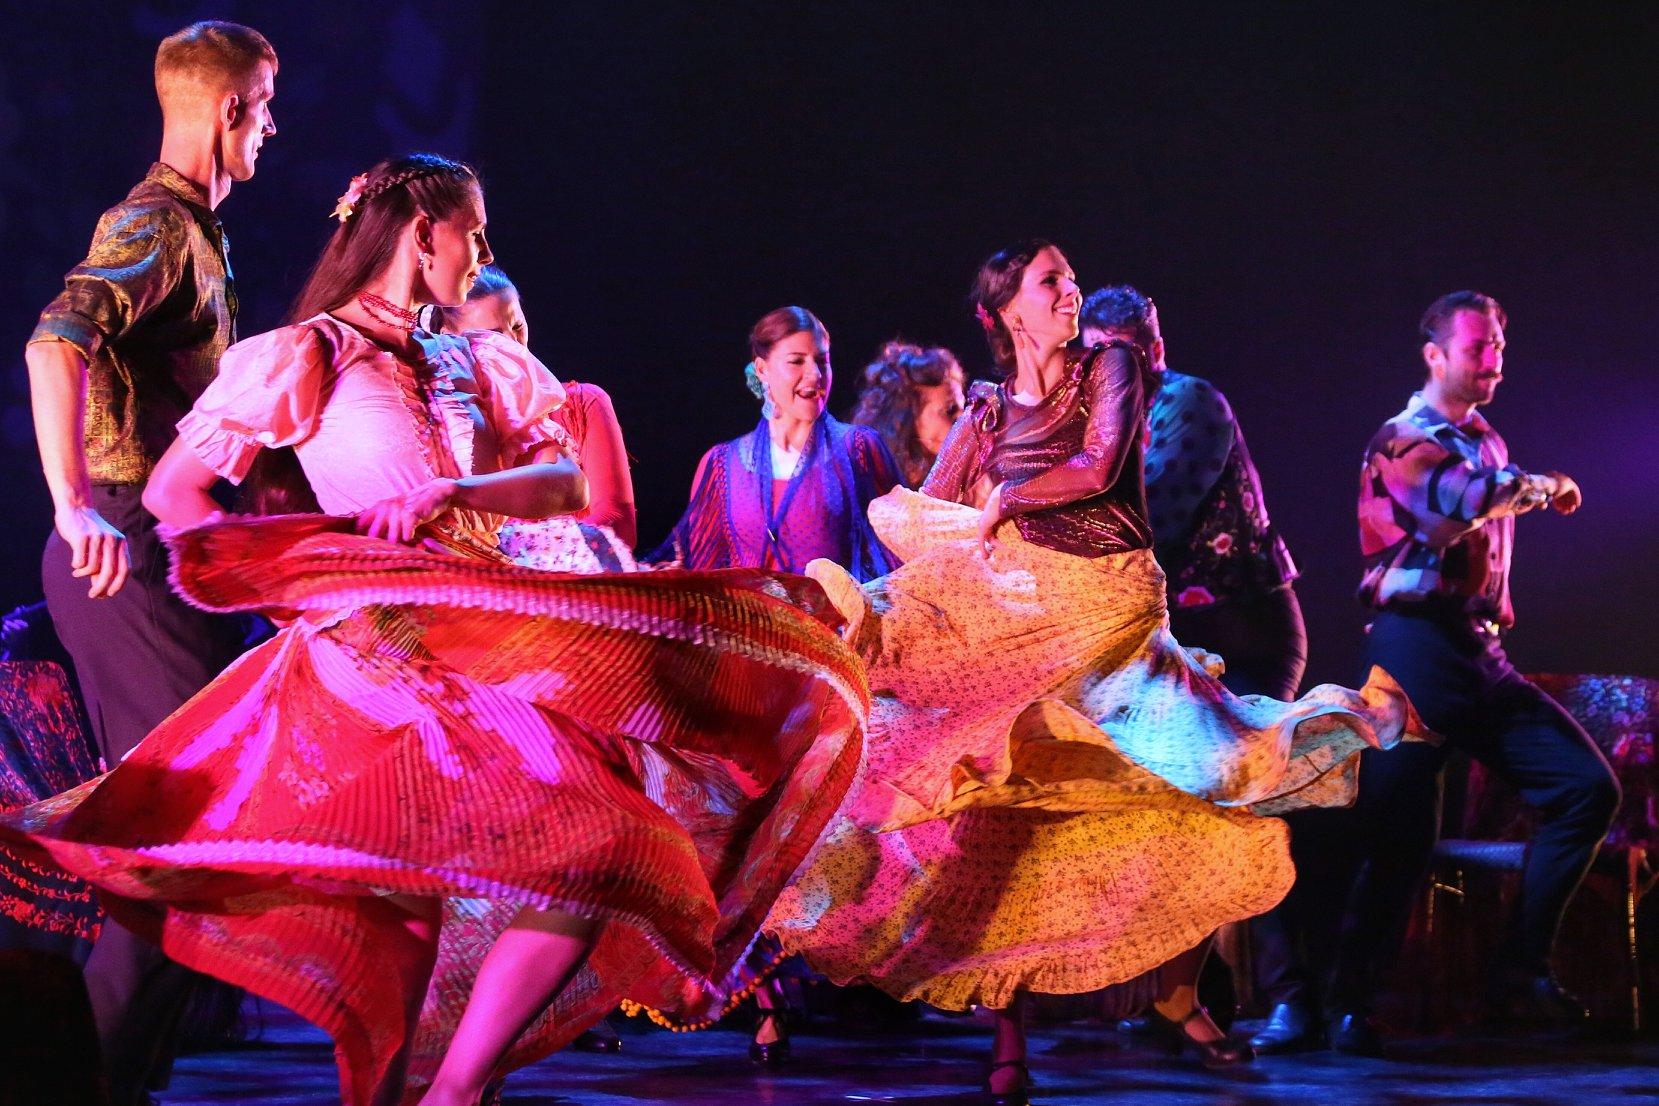 Pirók Zsófia flamenco táncművész Folkamenco című táncszínházi előadása Horányi Csaba és Horányi-Pirók Panka közreműködésével